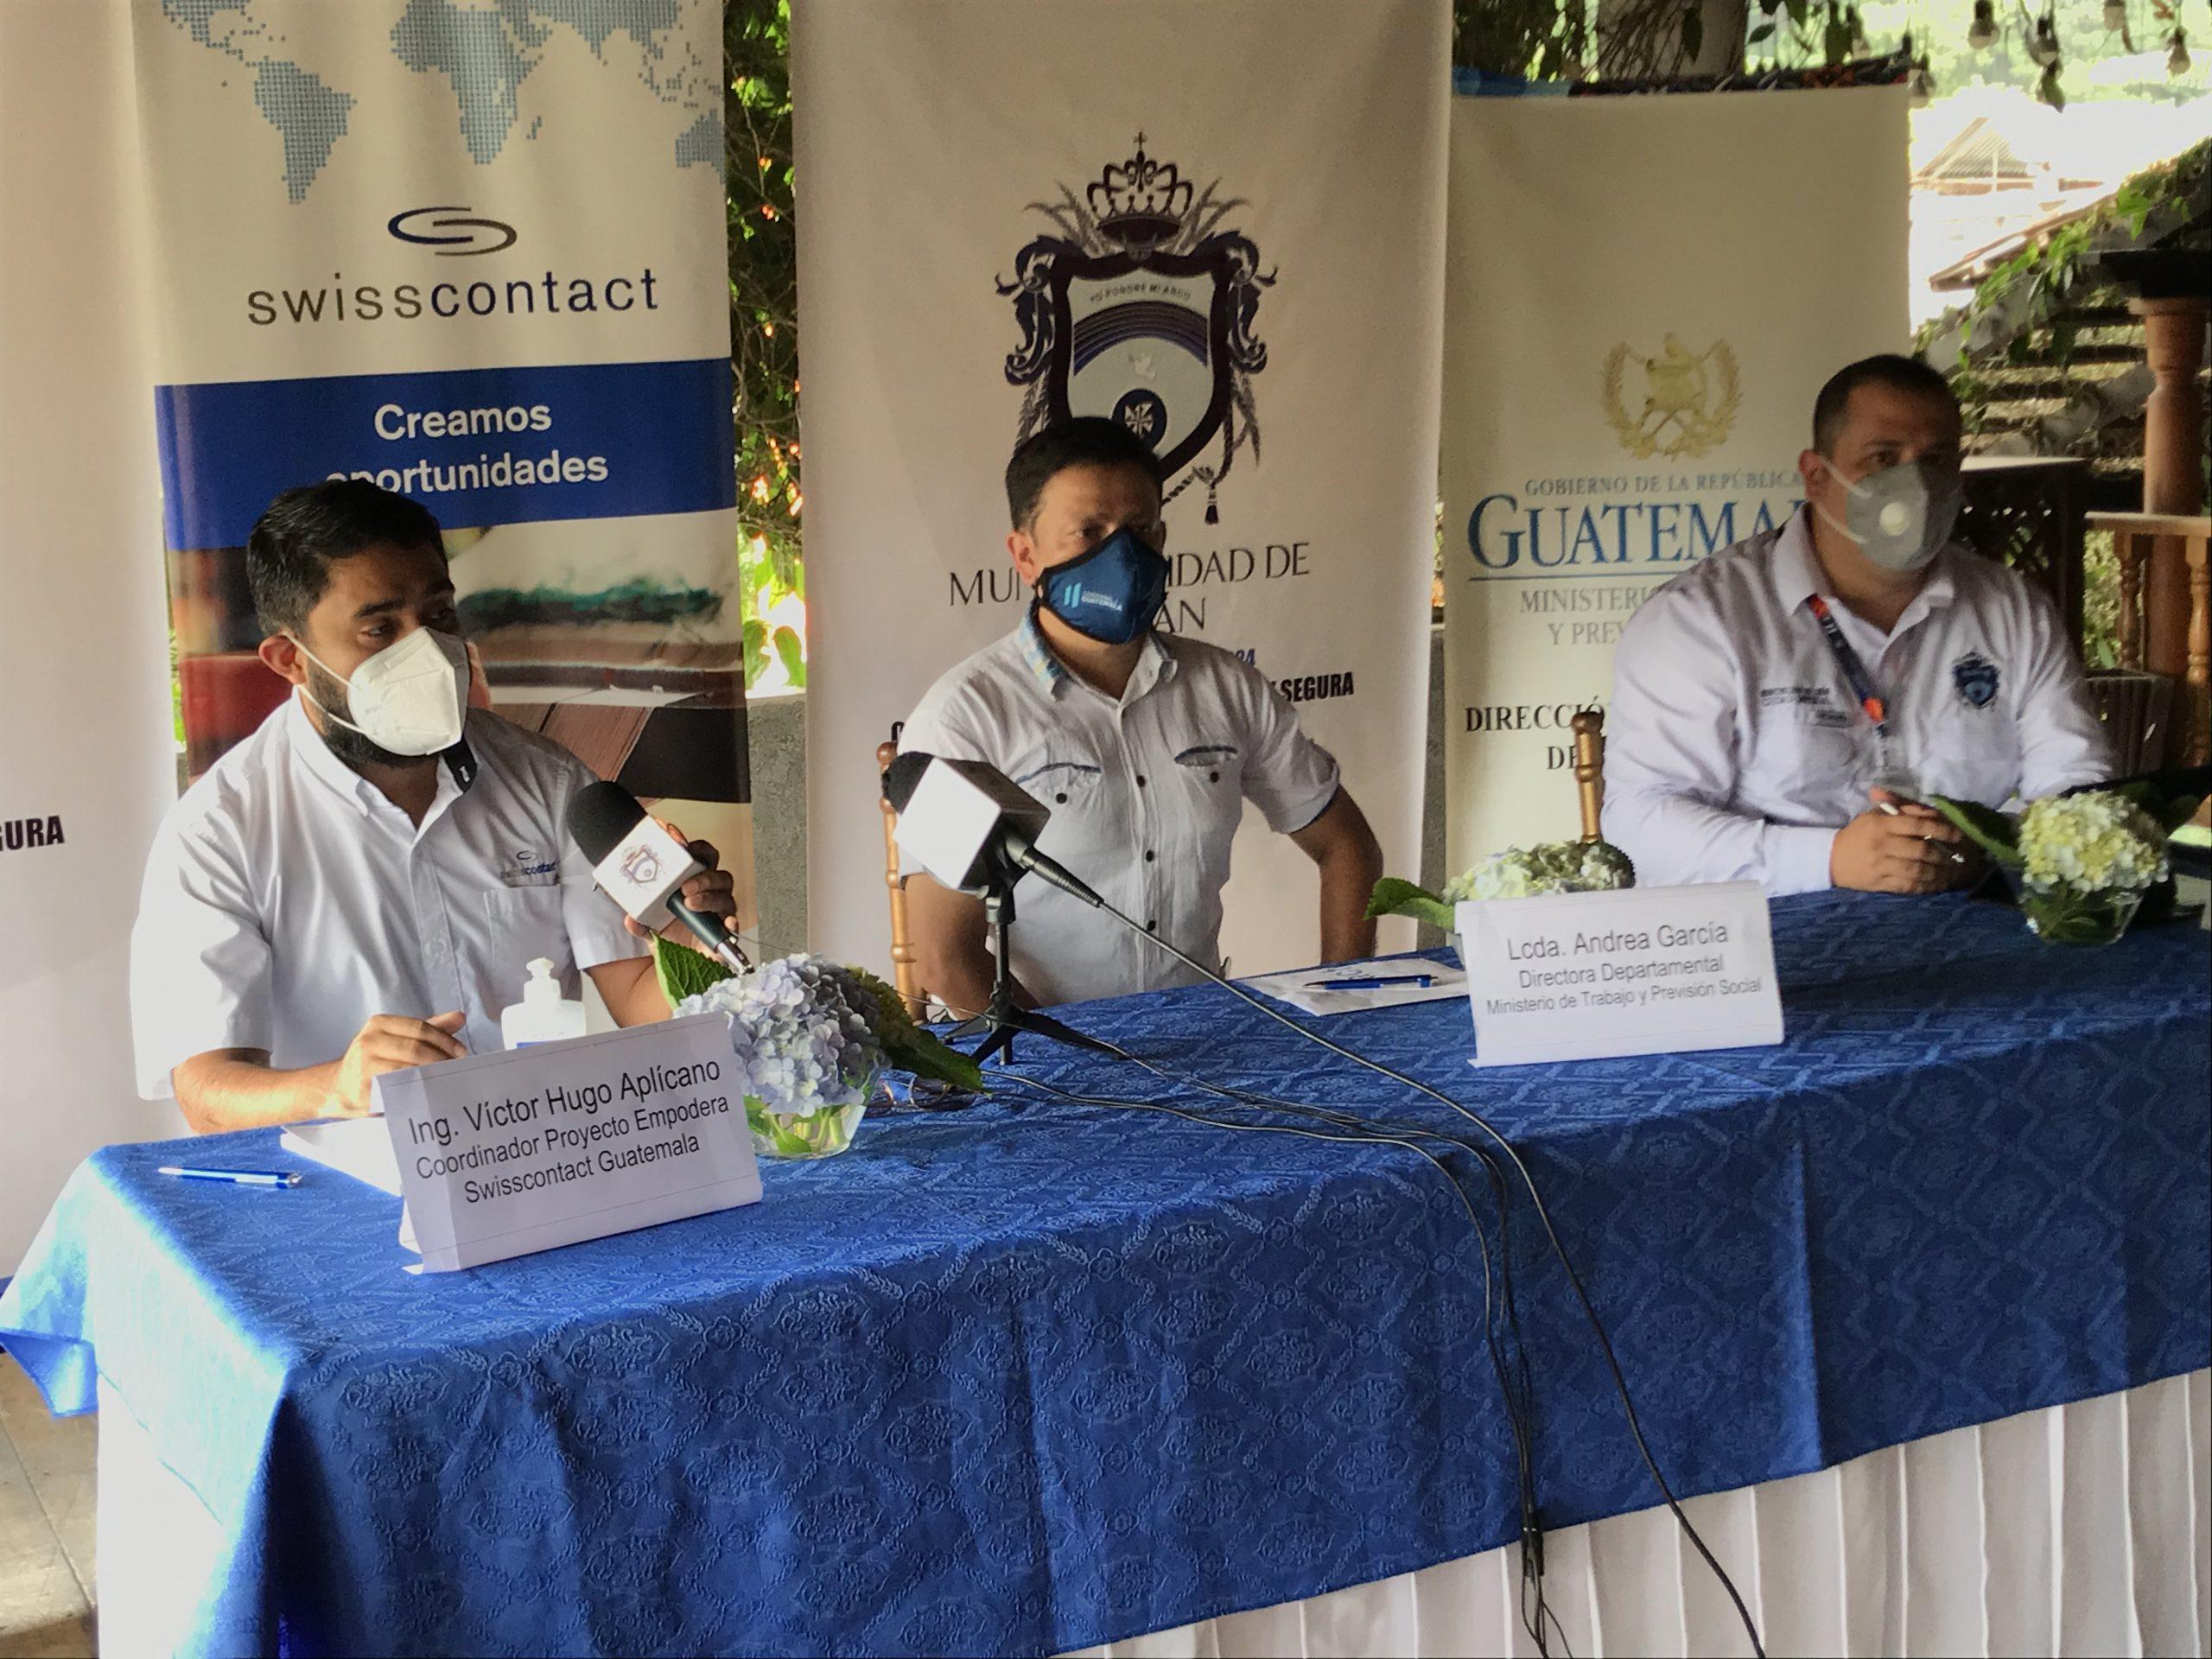 Autoridades del Ministerio de Trabajo y Previsión Social -MINTRAB-, Swisscontact y la municipalidad de Cobán, brindaron los detalles. (Foto: Eduardo Sam)